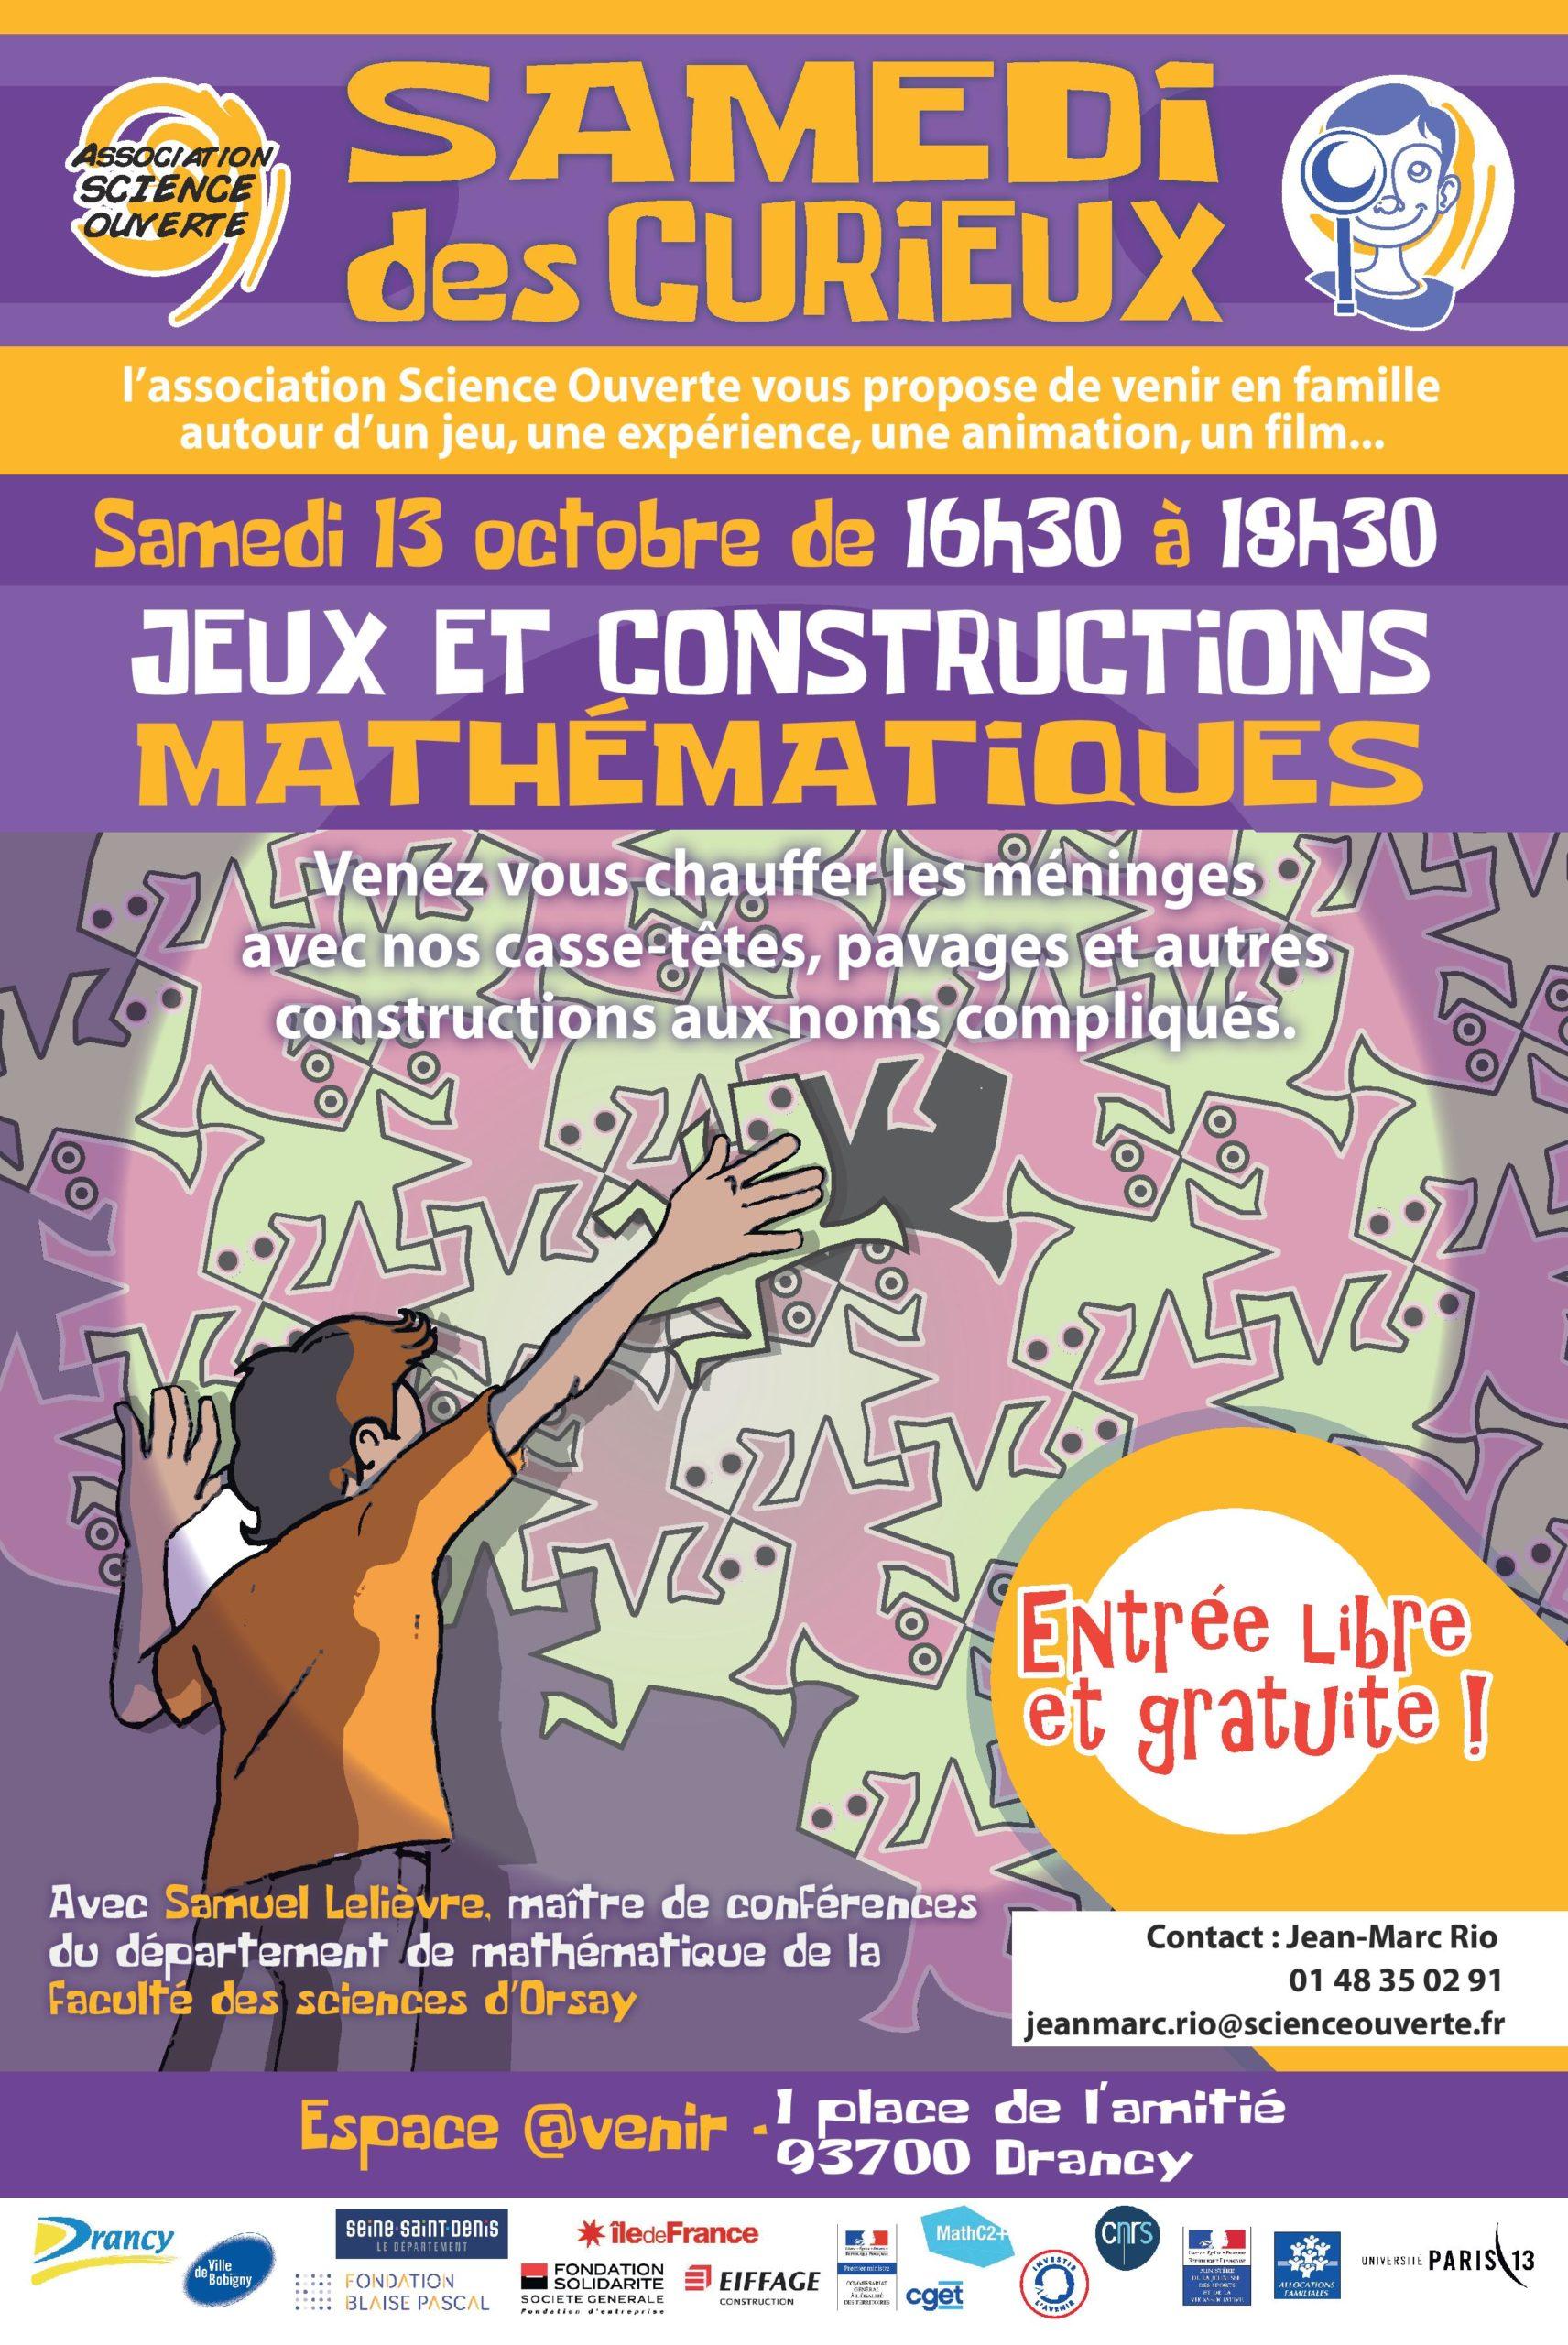 samedicurieux_jeux_constructionmath_a3-page-001.jpg